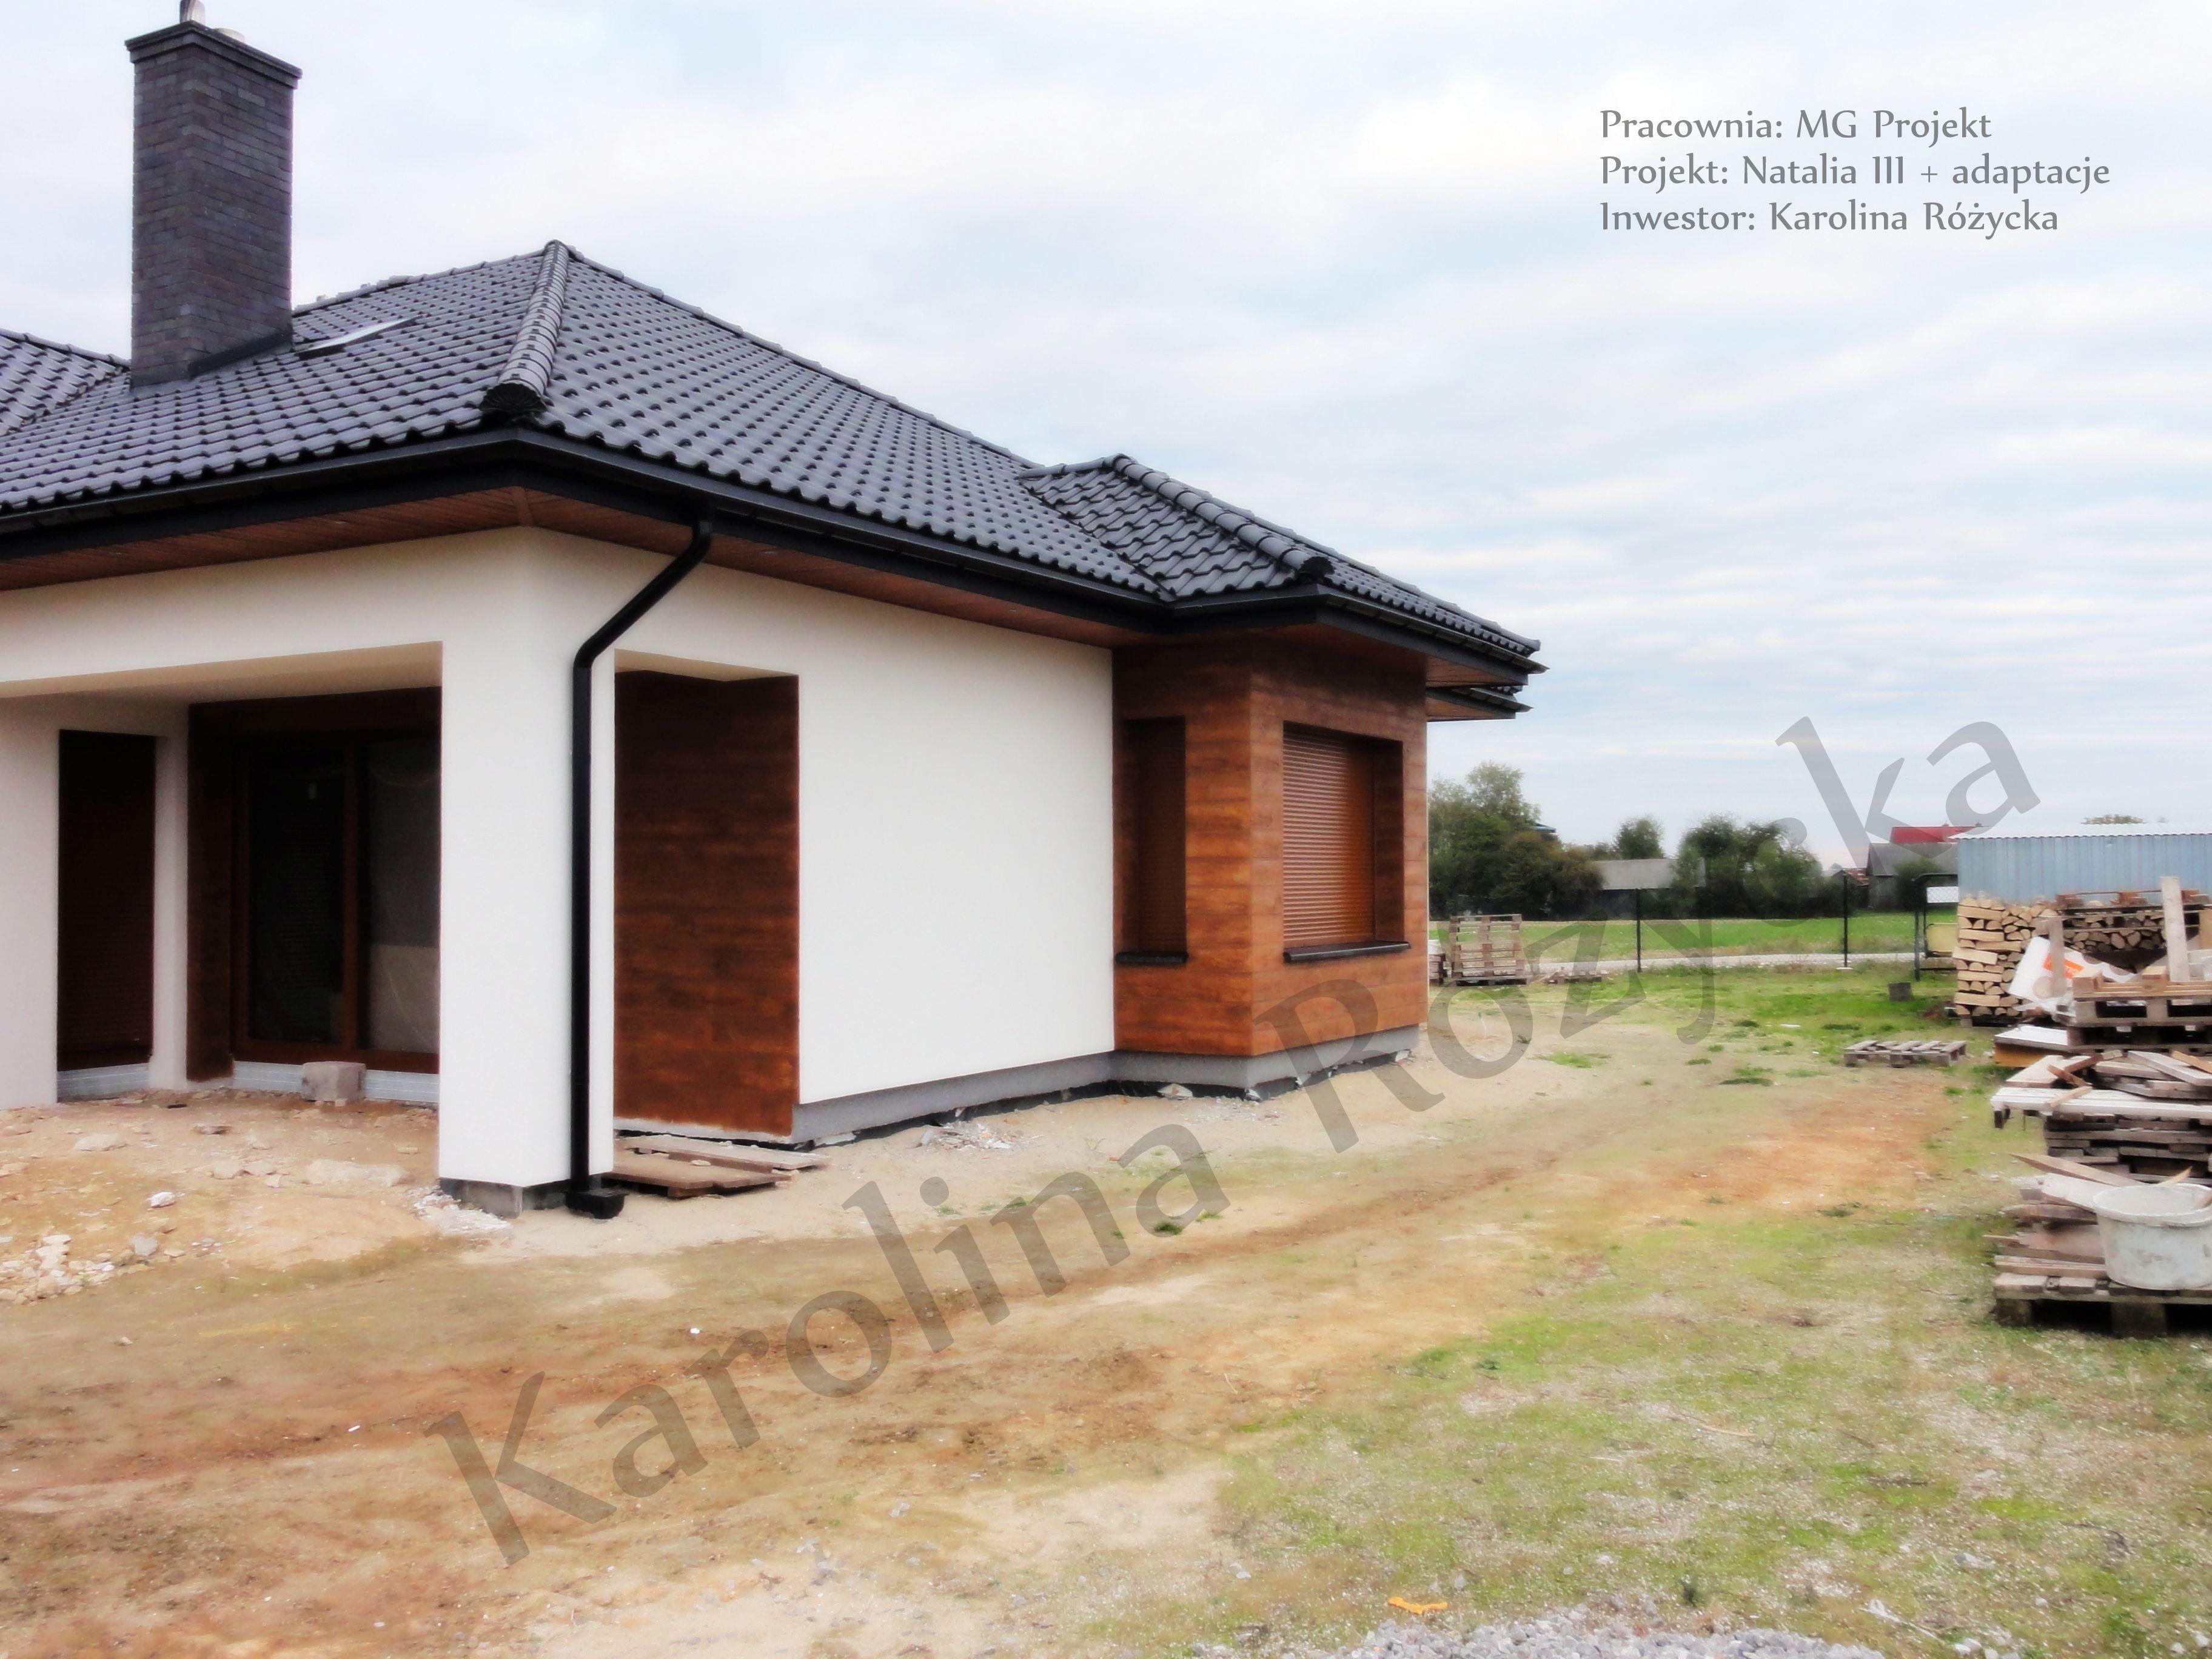 karolina-i-lukasz-rozyccy-1381074727_3-1385119547-s3rwauos.jpg